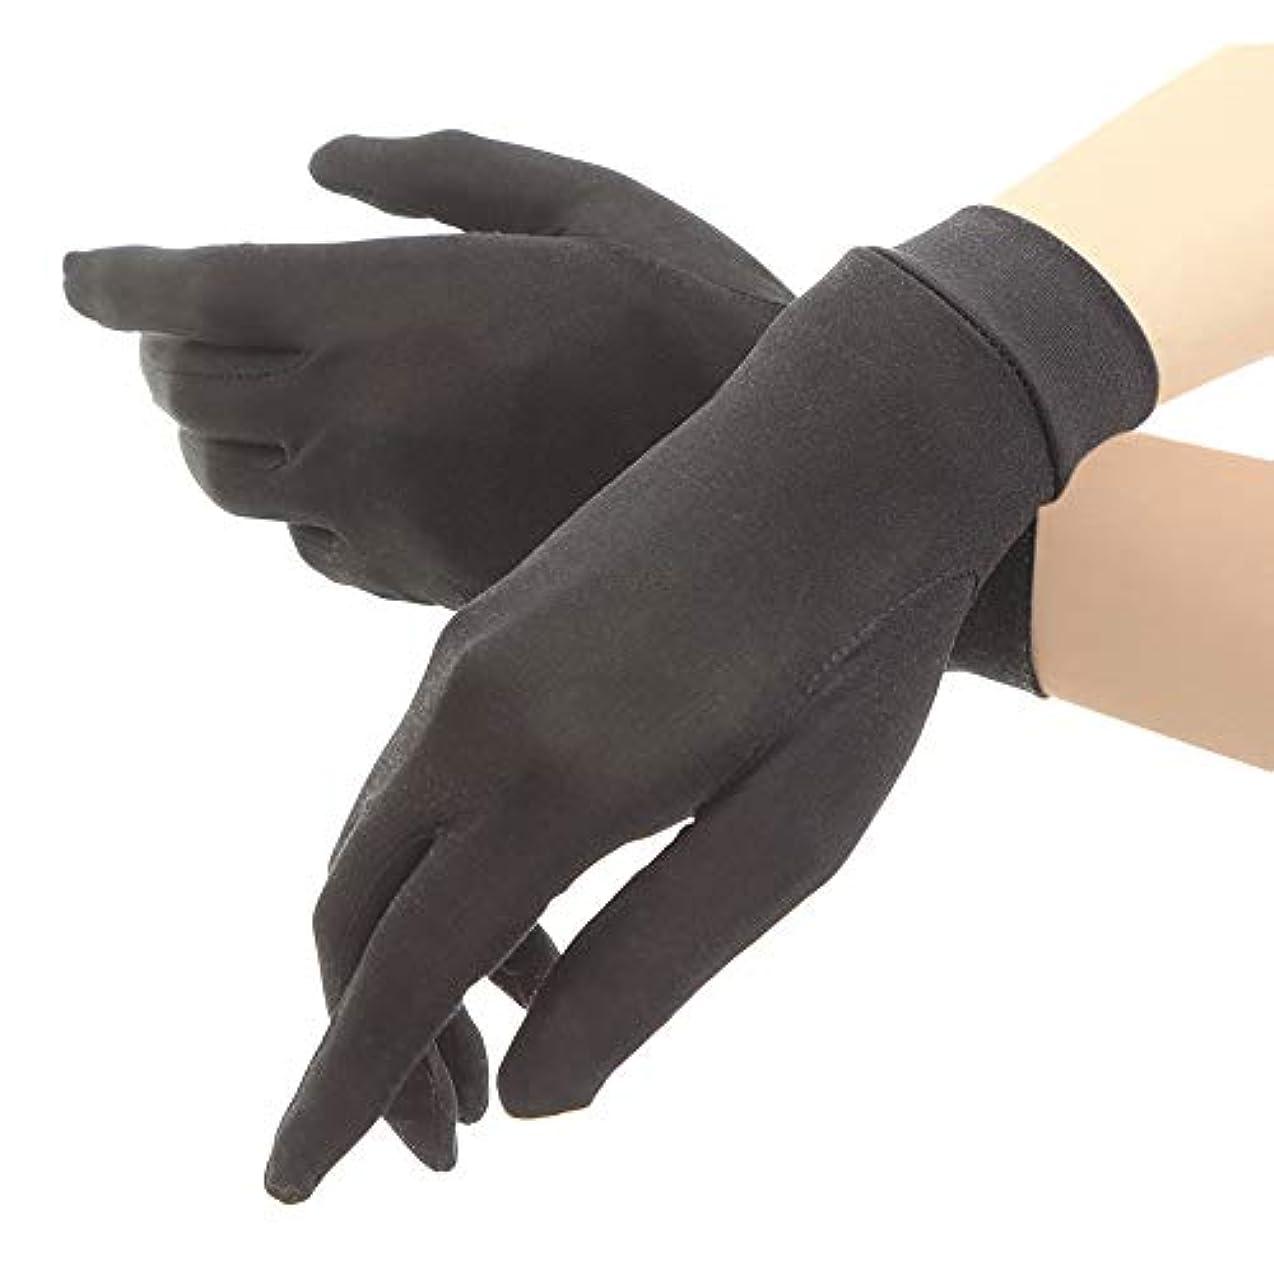 マオリ盆地果てしないシルク手袋 レディース 手袋 シルク 絹 ハンド ケア 保湿 紫外線 肌荒れ 乾燥 サイズアップで手指にマッチ 【macch】